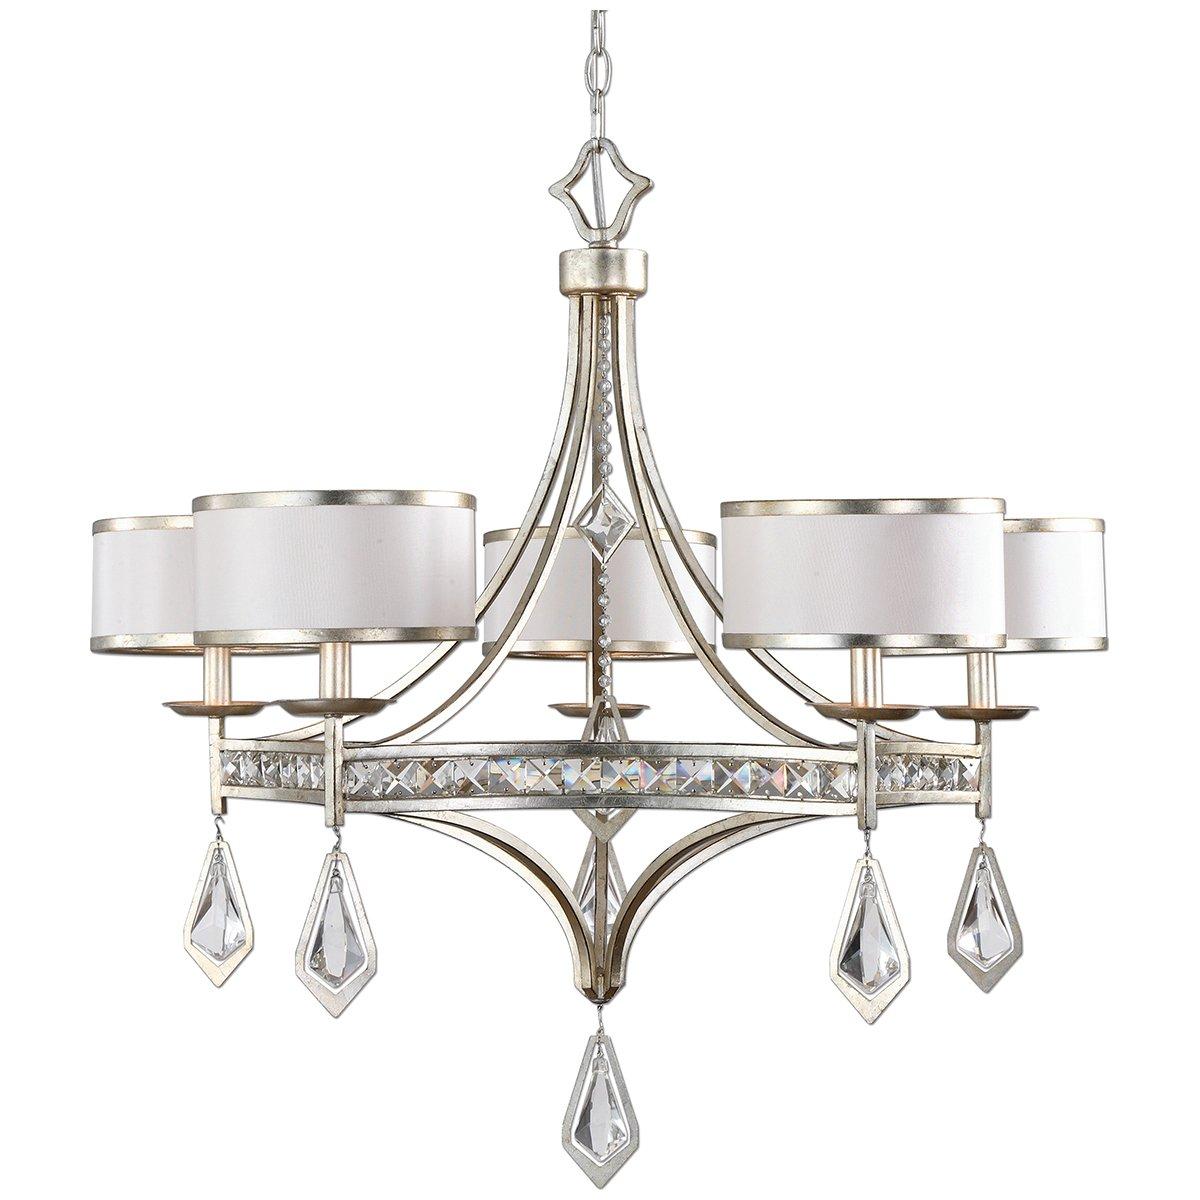 amazoncom uttermost 21268 tamworth 5 light chandelier silverchampagne home kitchen - Uttermost Lights